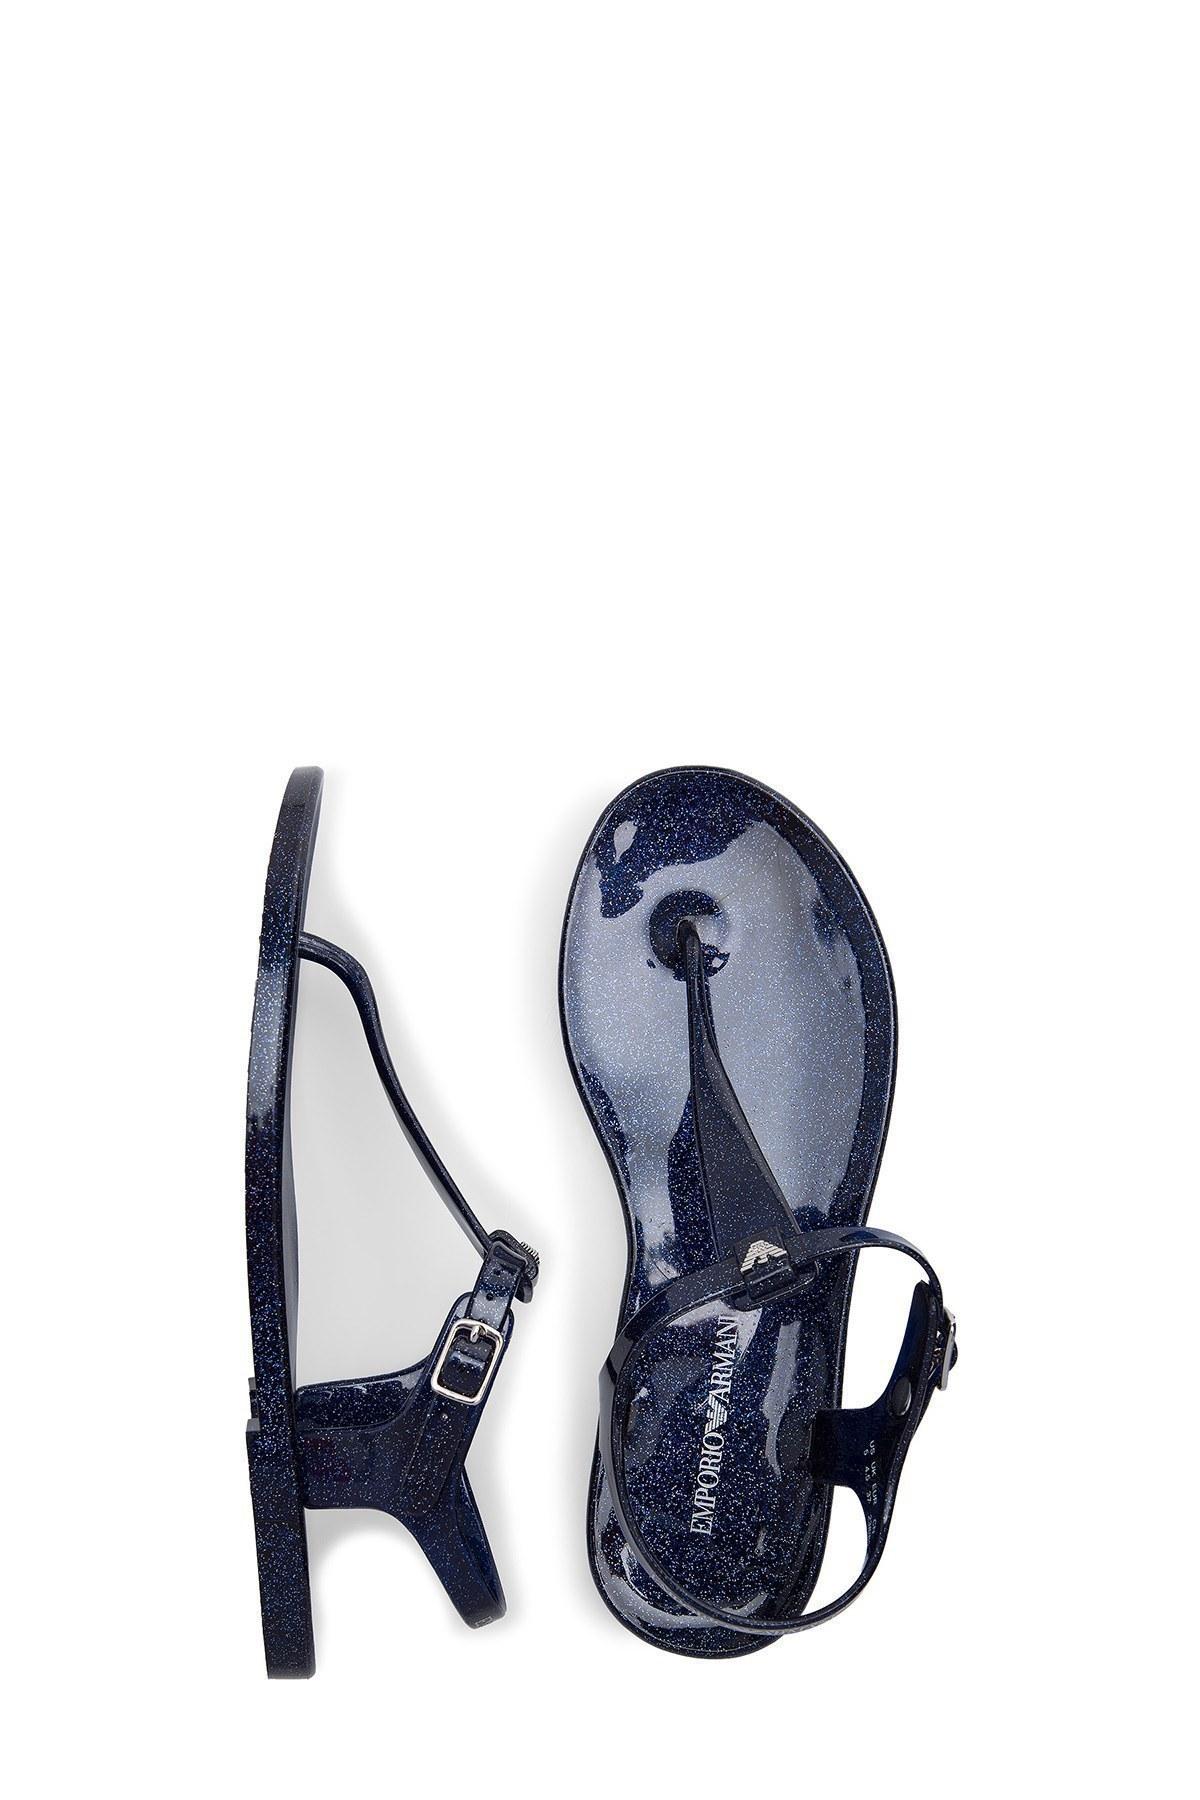 Emporio Armani Kadın Sandalet X3QS06 XL816 M605 SAKS